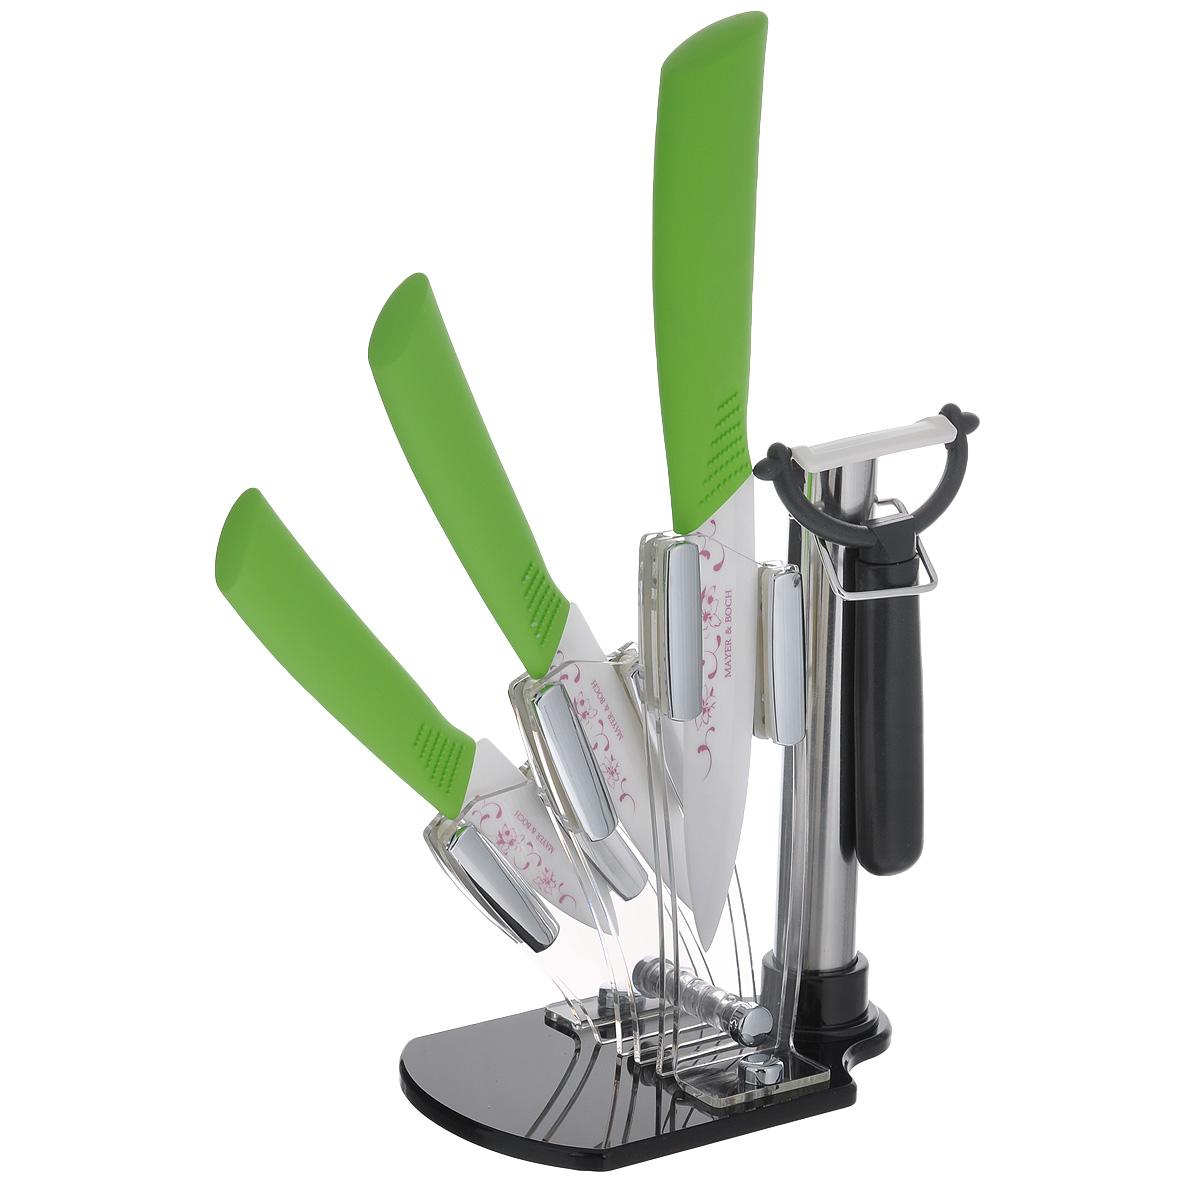 Набор керамических ножей Mayer & Boch, цвет: салатовый, 5 предметов. 2186321863Набор керамических ножей Mayer & Boch состоит из 3 ножей, ножа-пиллера и подставки. Ножи выполненные из керамики, прекрасно подходят для ежедневной резки фруктов, овощей и мяса. Ножи имеют гладкую, легко очищаемую поверхность. Специальный дизайн рукоятки обеспечивает комфортный и легко контролируемый захват. Удобная акриловая подставка поможет хранить все ножи в одном месте.Оригинальный набор ножей великолепно украсит интерьер кухни и станет замечательным помощником.Можно мыть в посудомоечной машине.Длина лезвия большого ножа: 12,7 см. Общая длина большого ножа: 25 см. Длина лезвия среднего ножа: 10,2 см. Общая длина среднего ножа: 20 см. Длина лезвия маленького ножа: 7,6 см. Общая длина маленького ножа: 18 см. Длина лезвия ножа-пиллера: 4,5 см. Размер ножа-пиллера: 13 см х 8 см х 2 см. Размер подставки: 15 см х 10 см х 18 см.